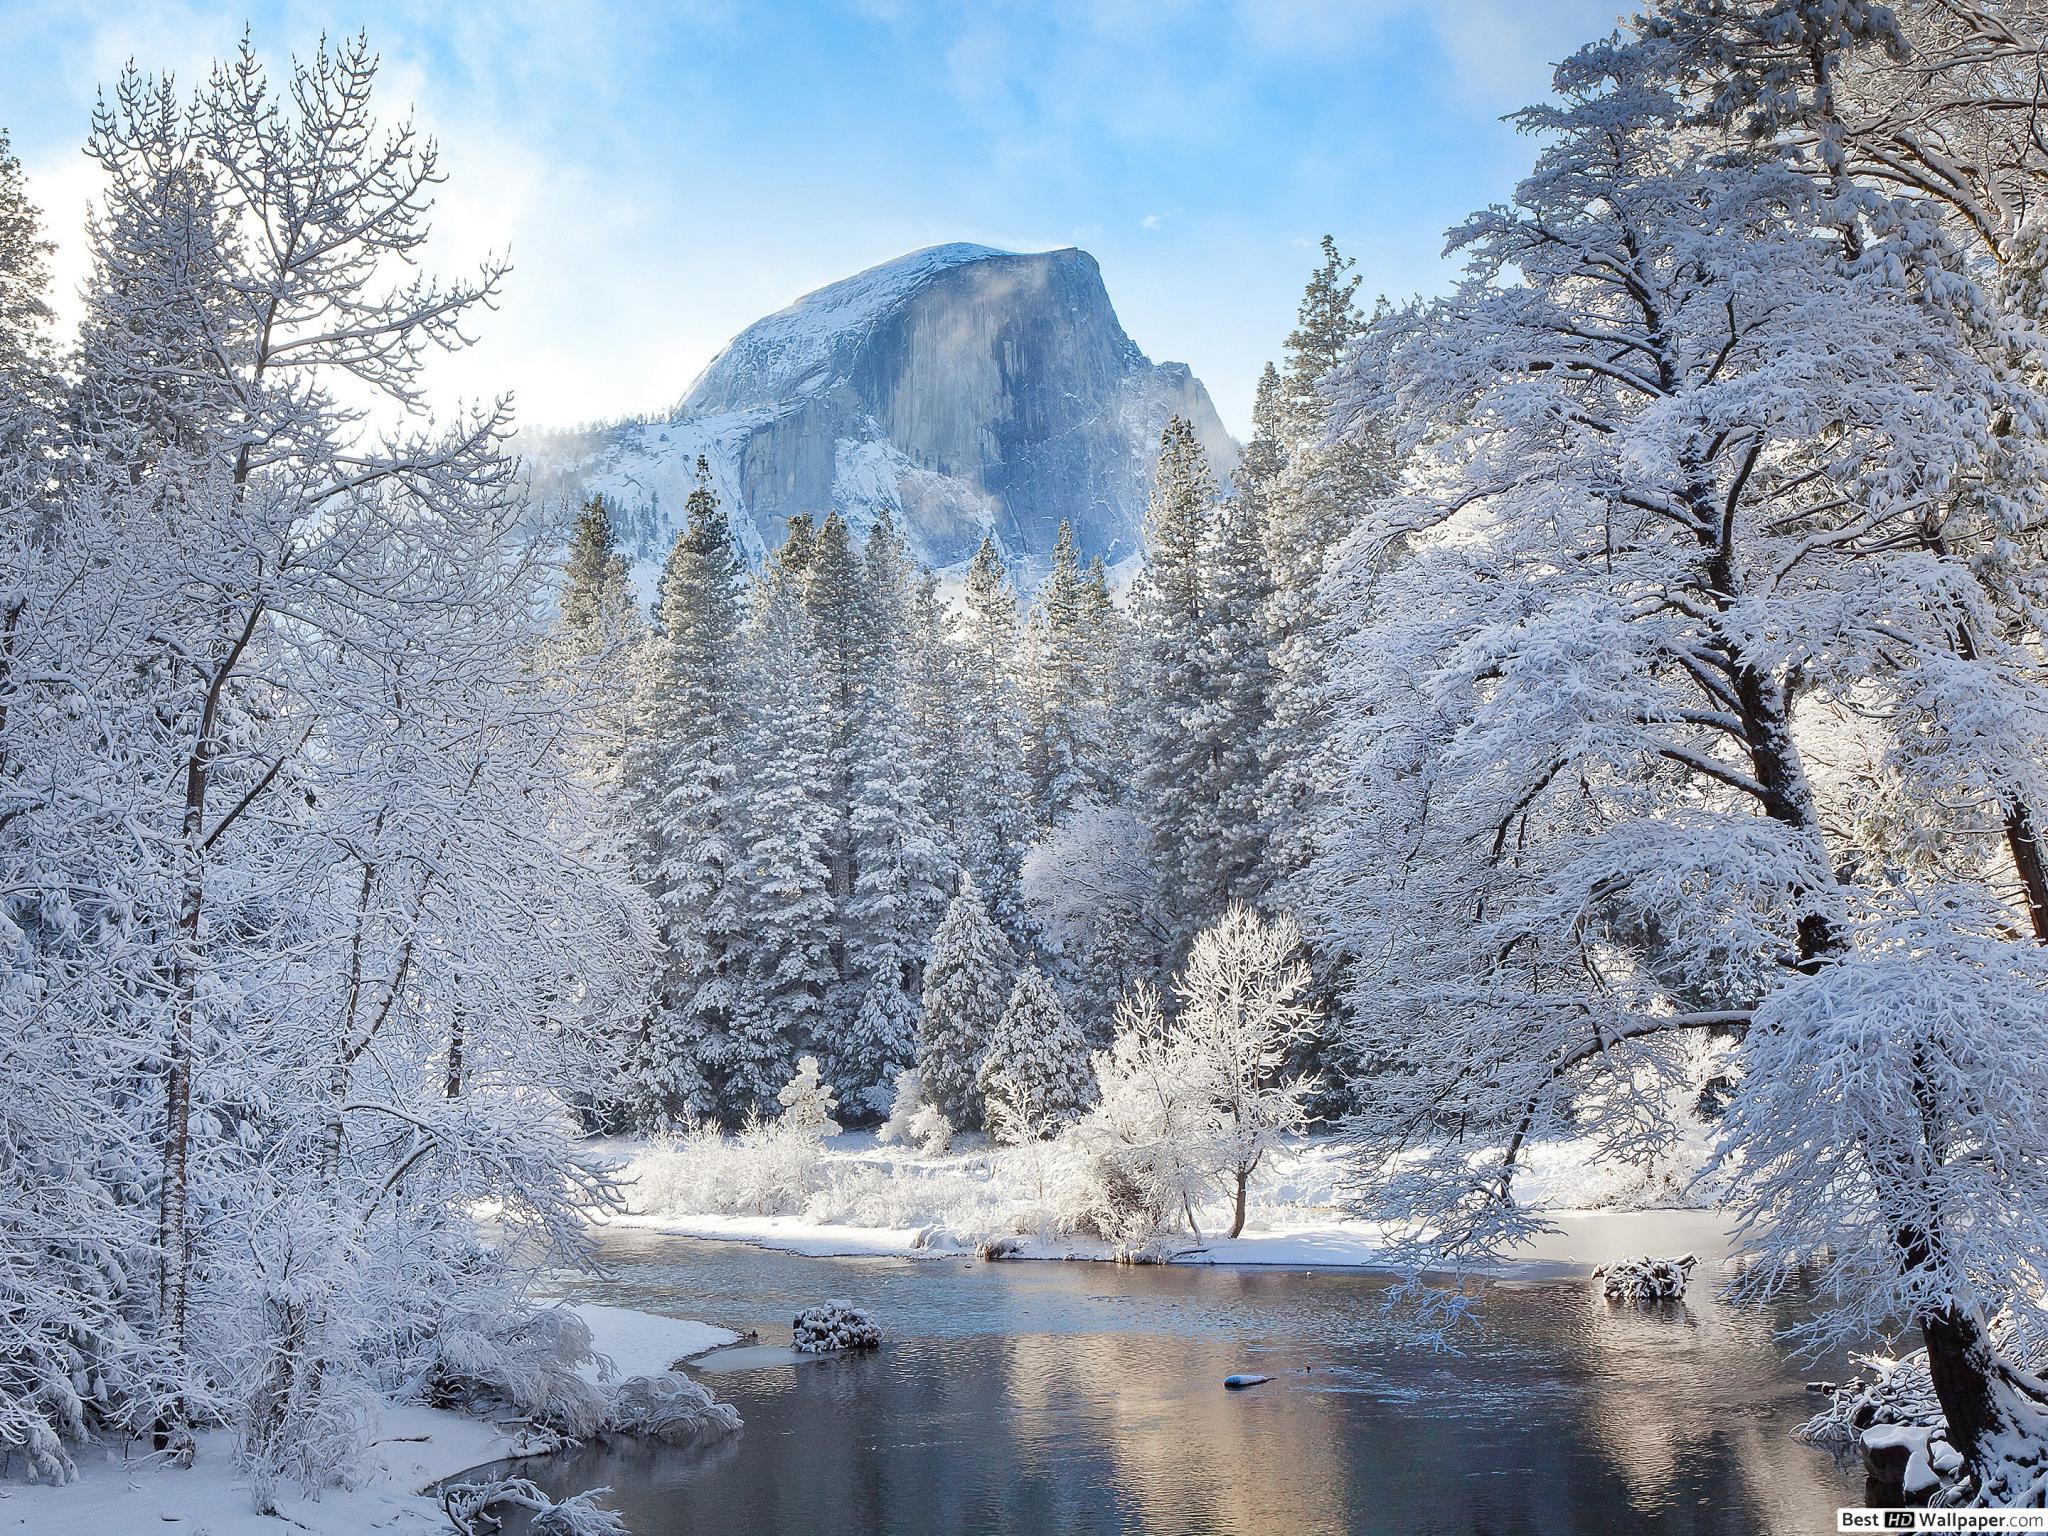 Paysage D'hiver Hd Fond D'écran Télécharger pour Dessin De Paysage D Hiver